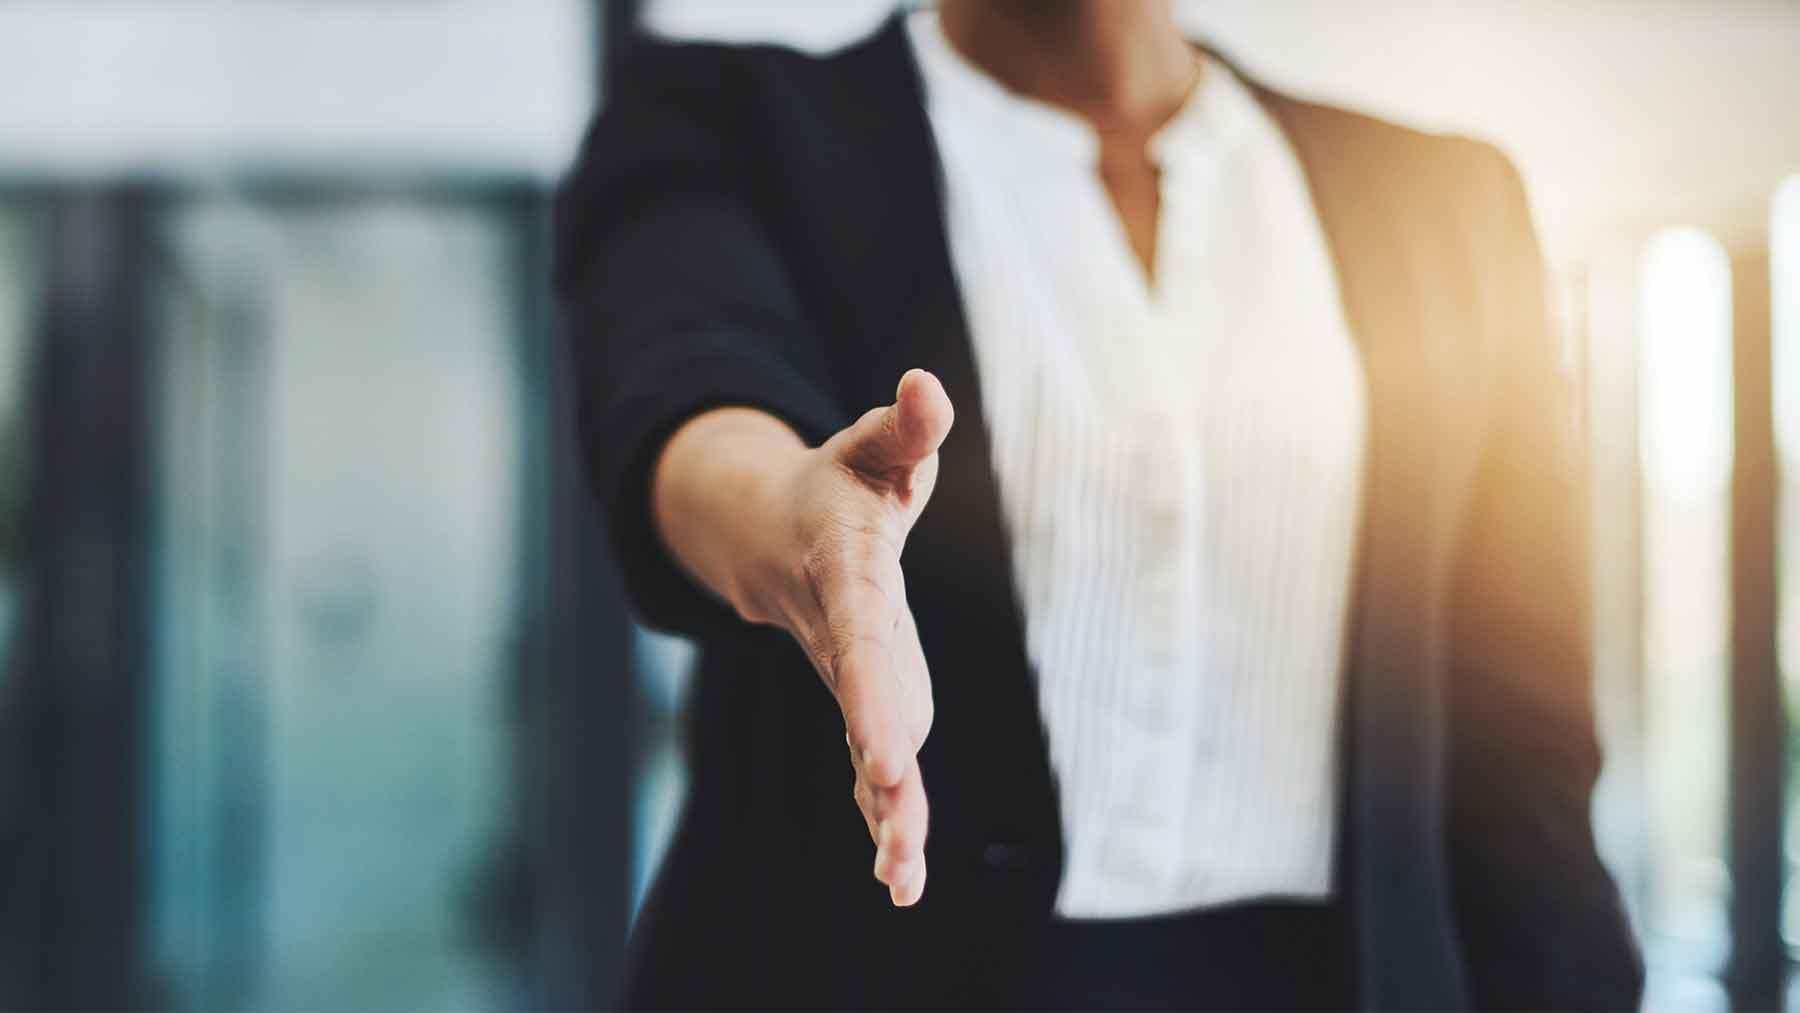 Kobieta wyciąga rękę aby się przywitać